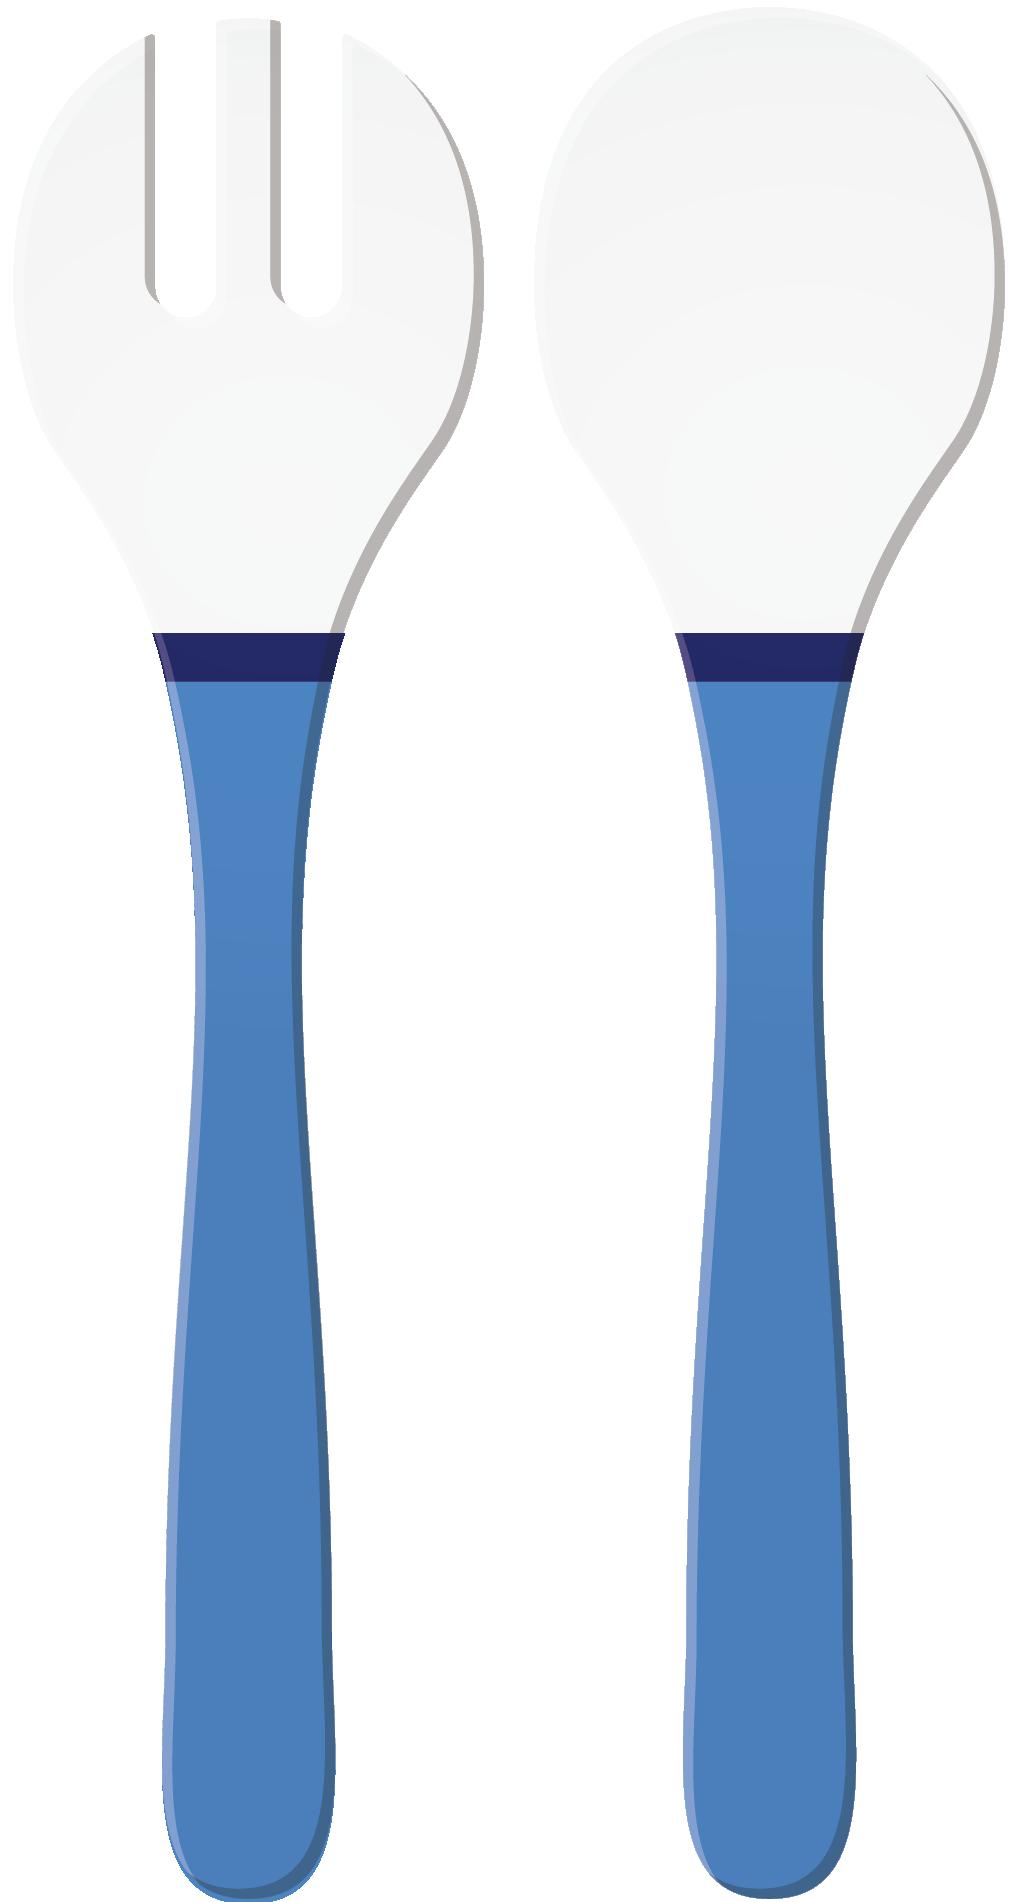 RIVIERA - Couverts à salade décorés - Bleu/Blanc